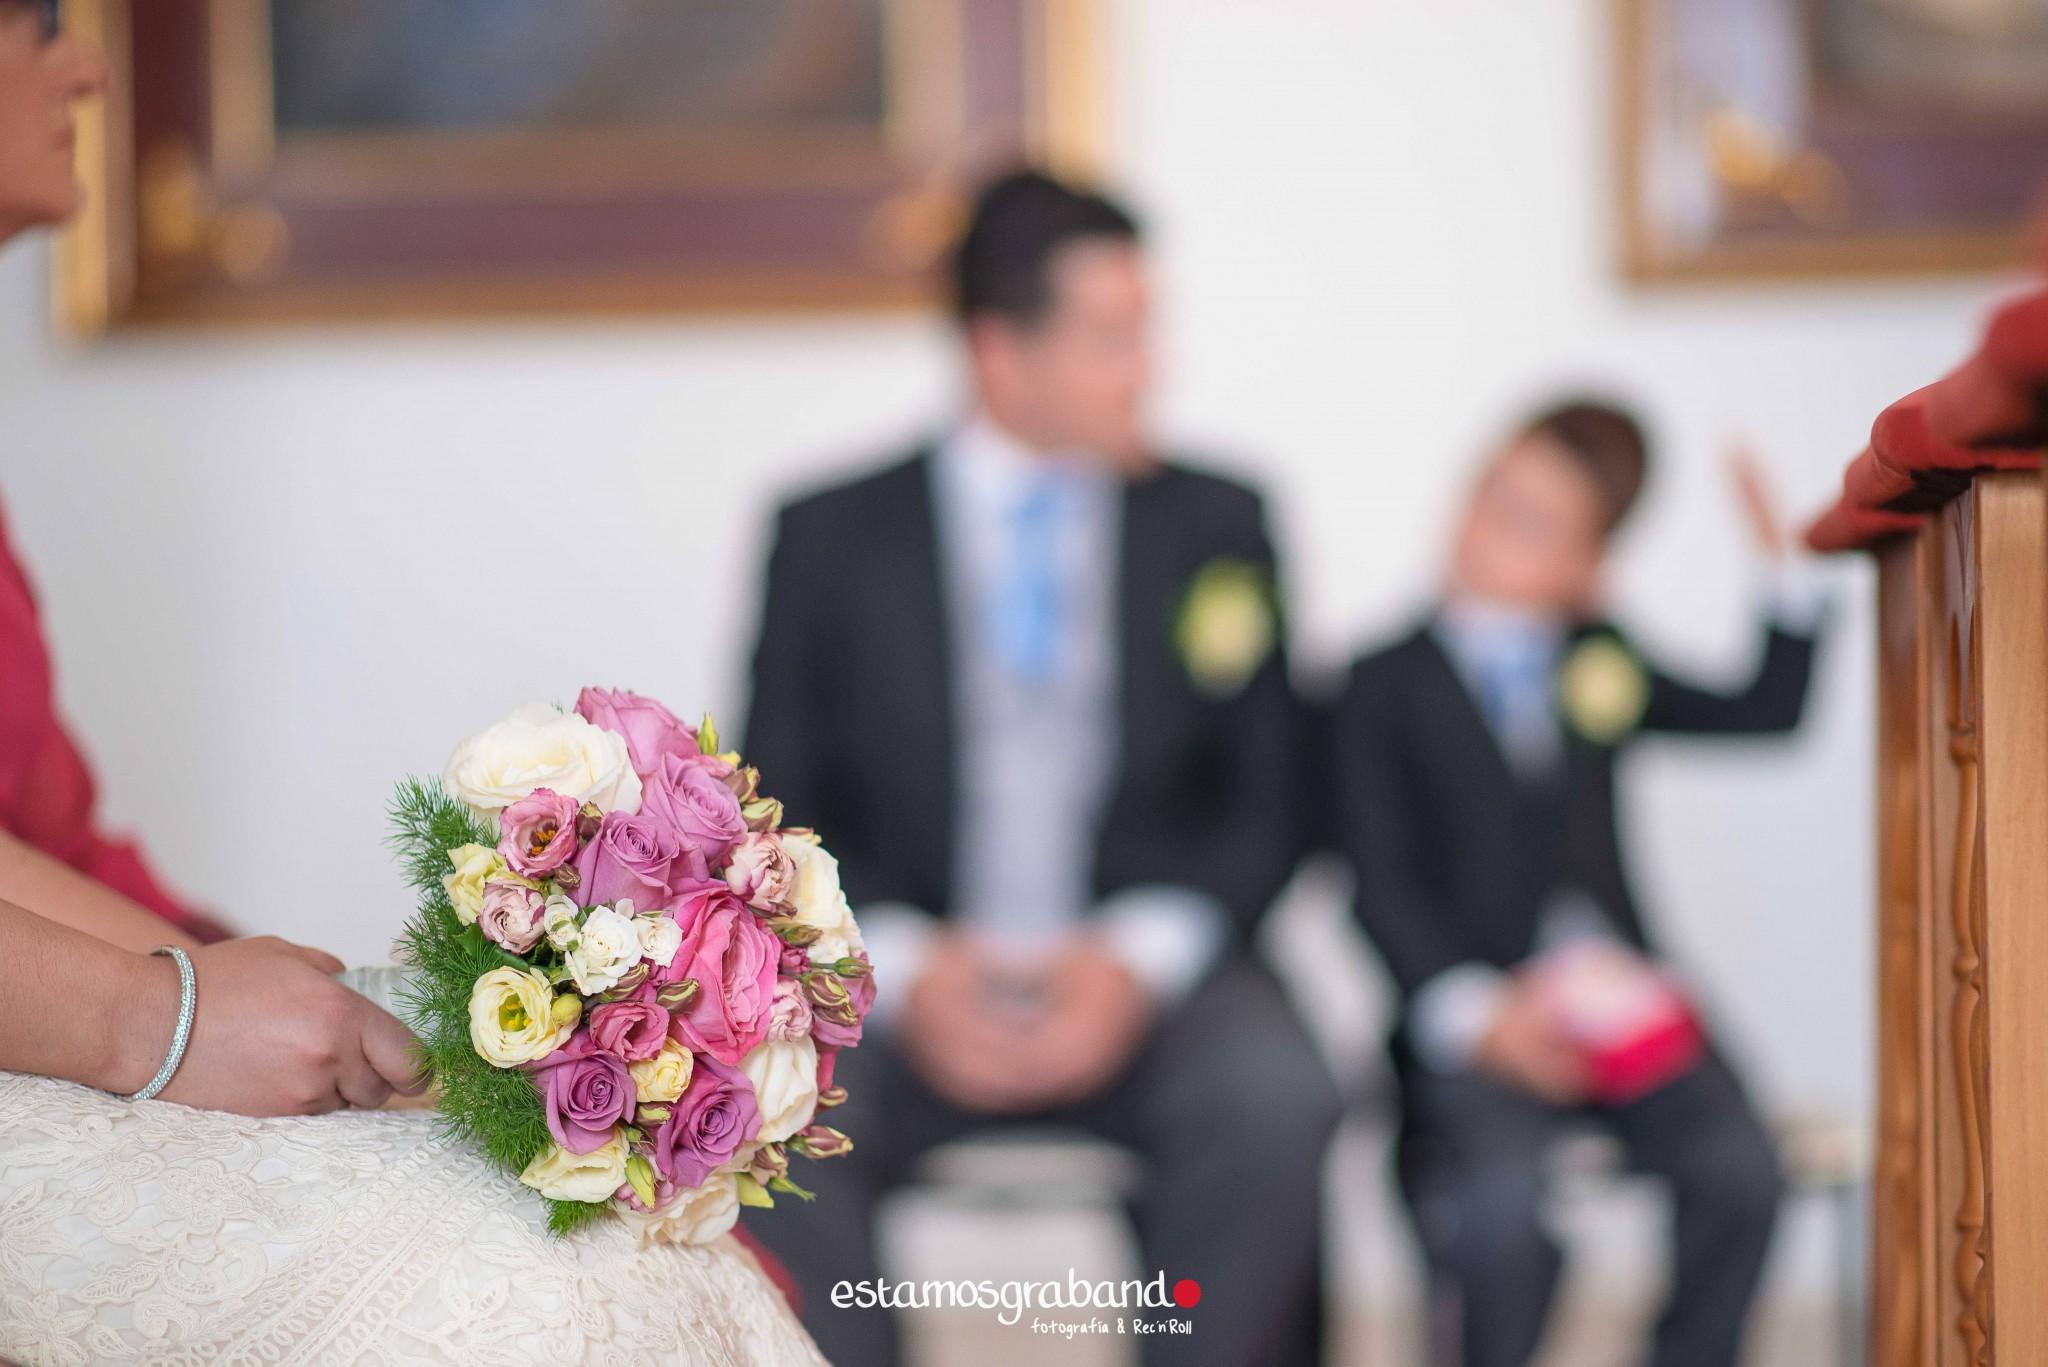 boda-en-chiclana_sonia-y-diego_fotograficc81a-de-boda-43 Zahara Sonia + Diego [Fotografía de Boda en Zahara] - video boda cadiz